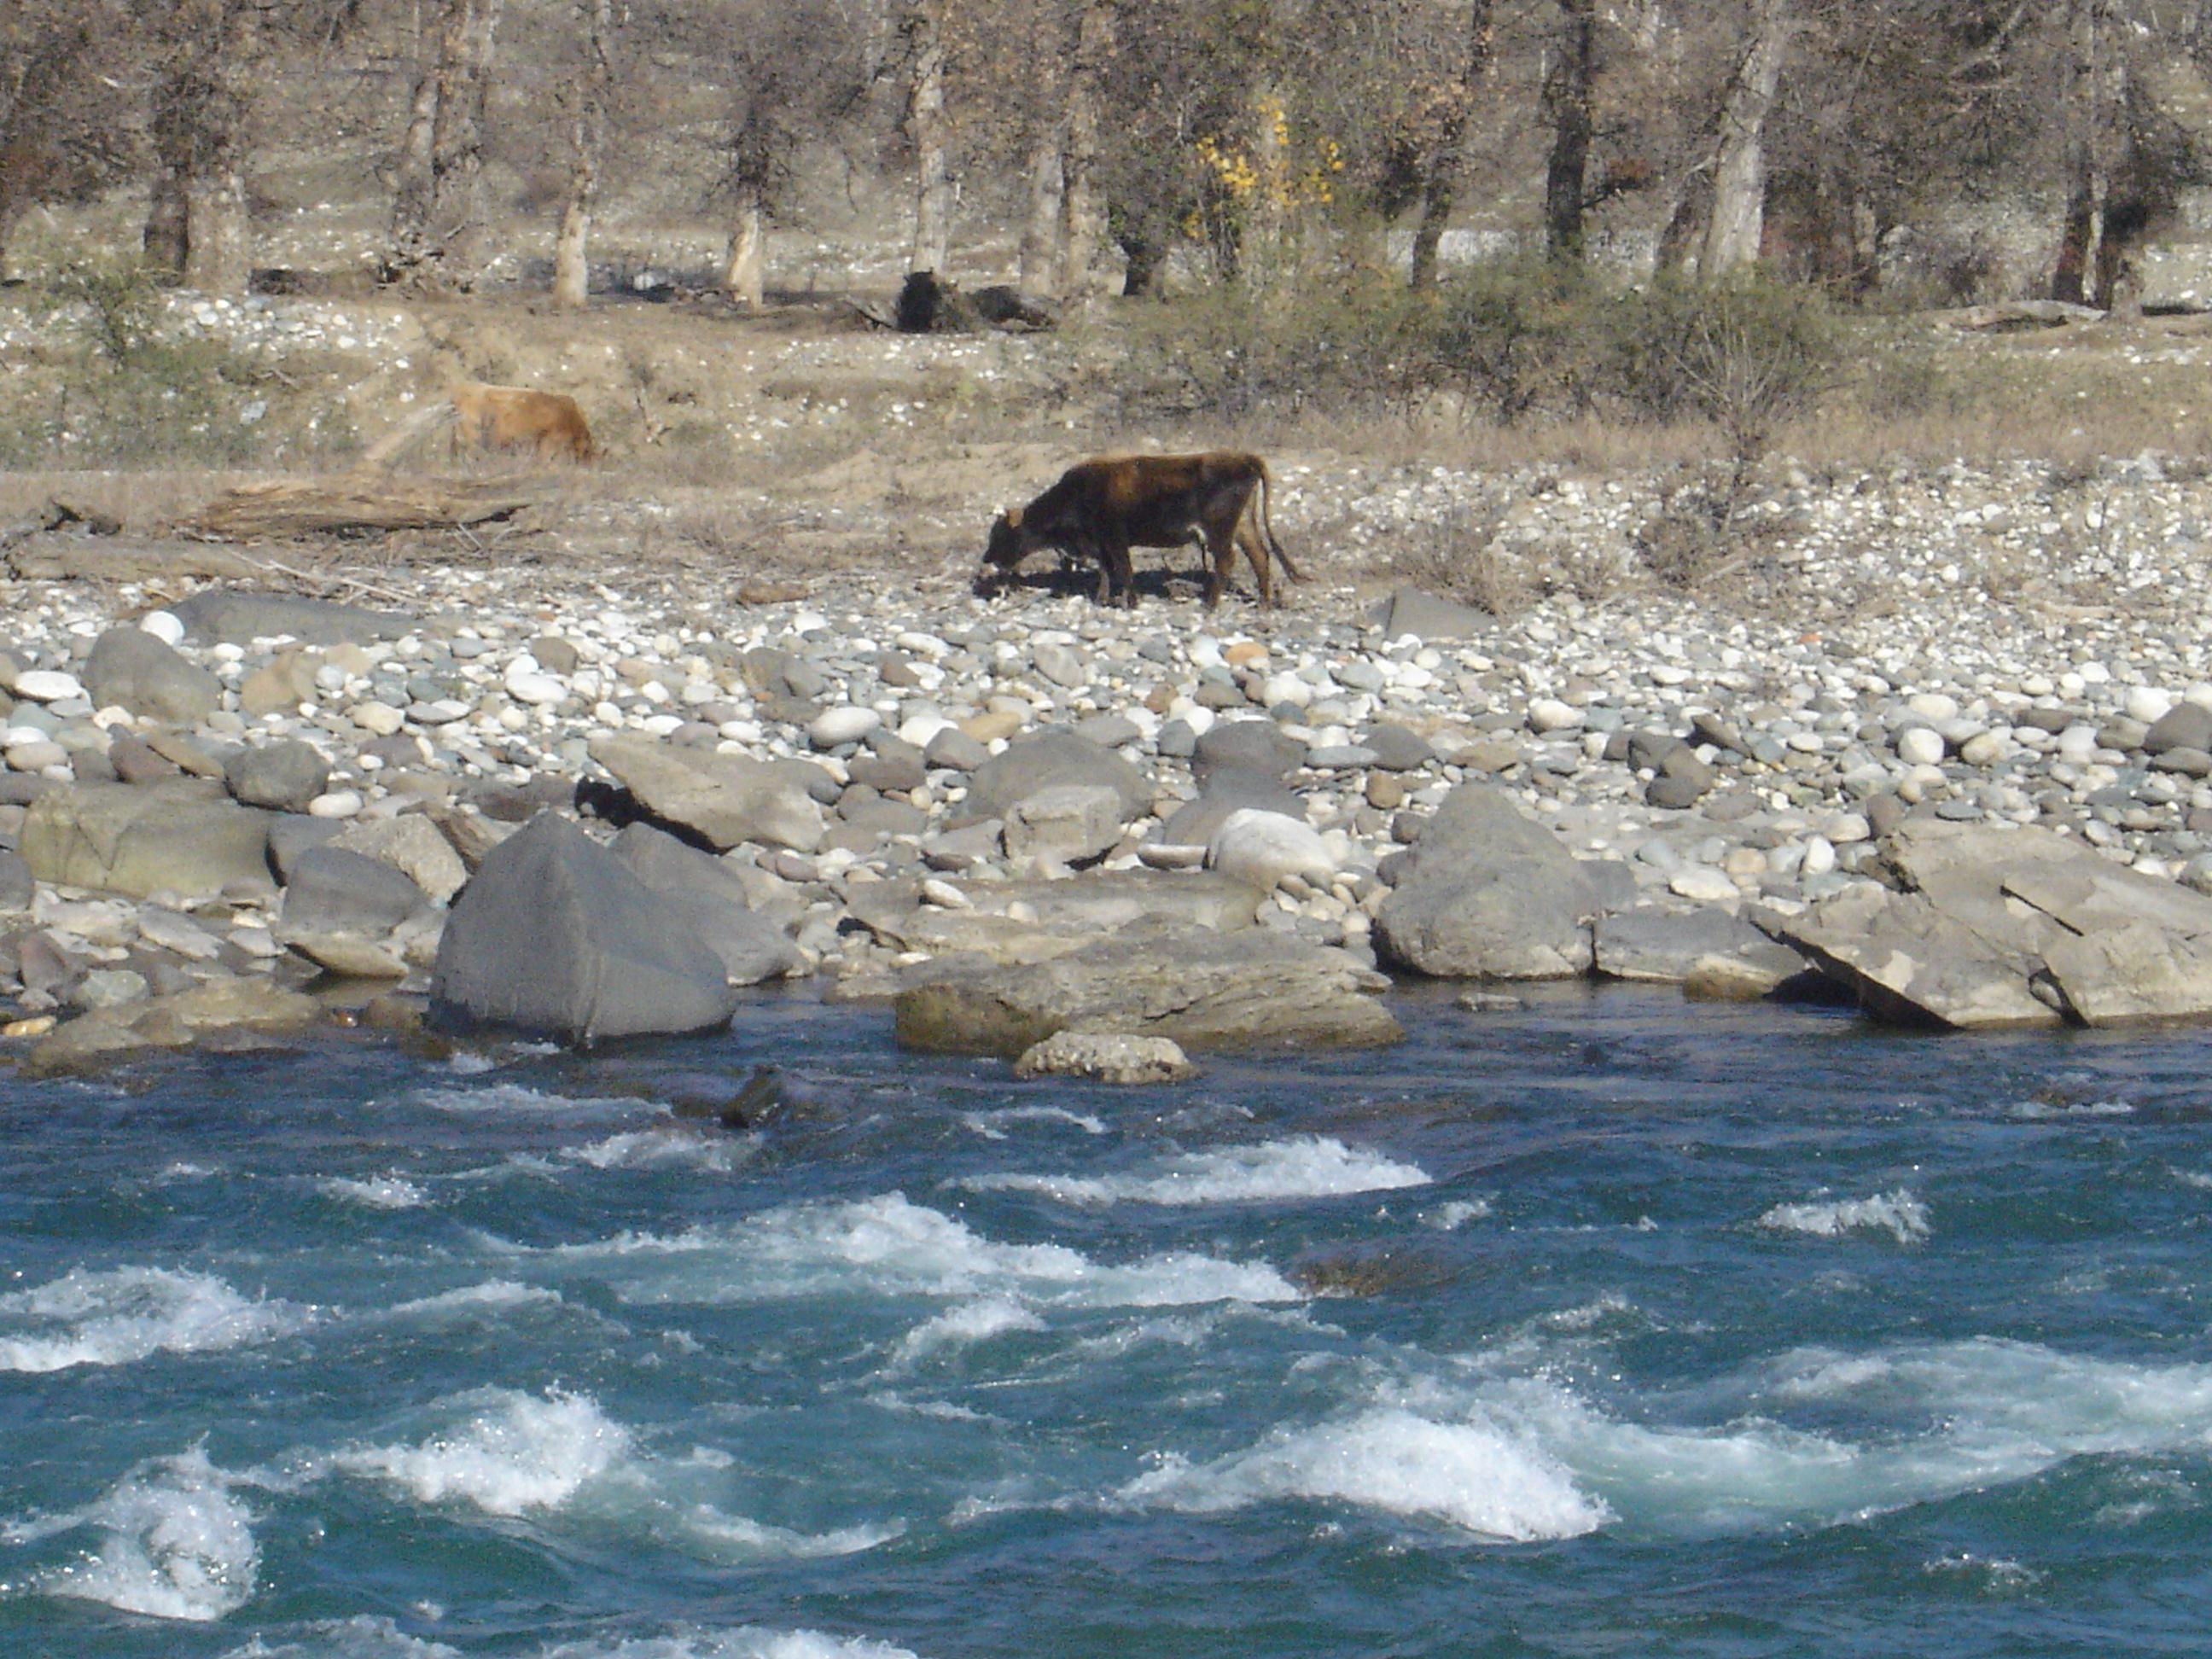 Of karachayevo-cherkessya, caucasus, russia. kuban river and cows